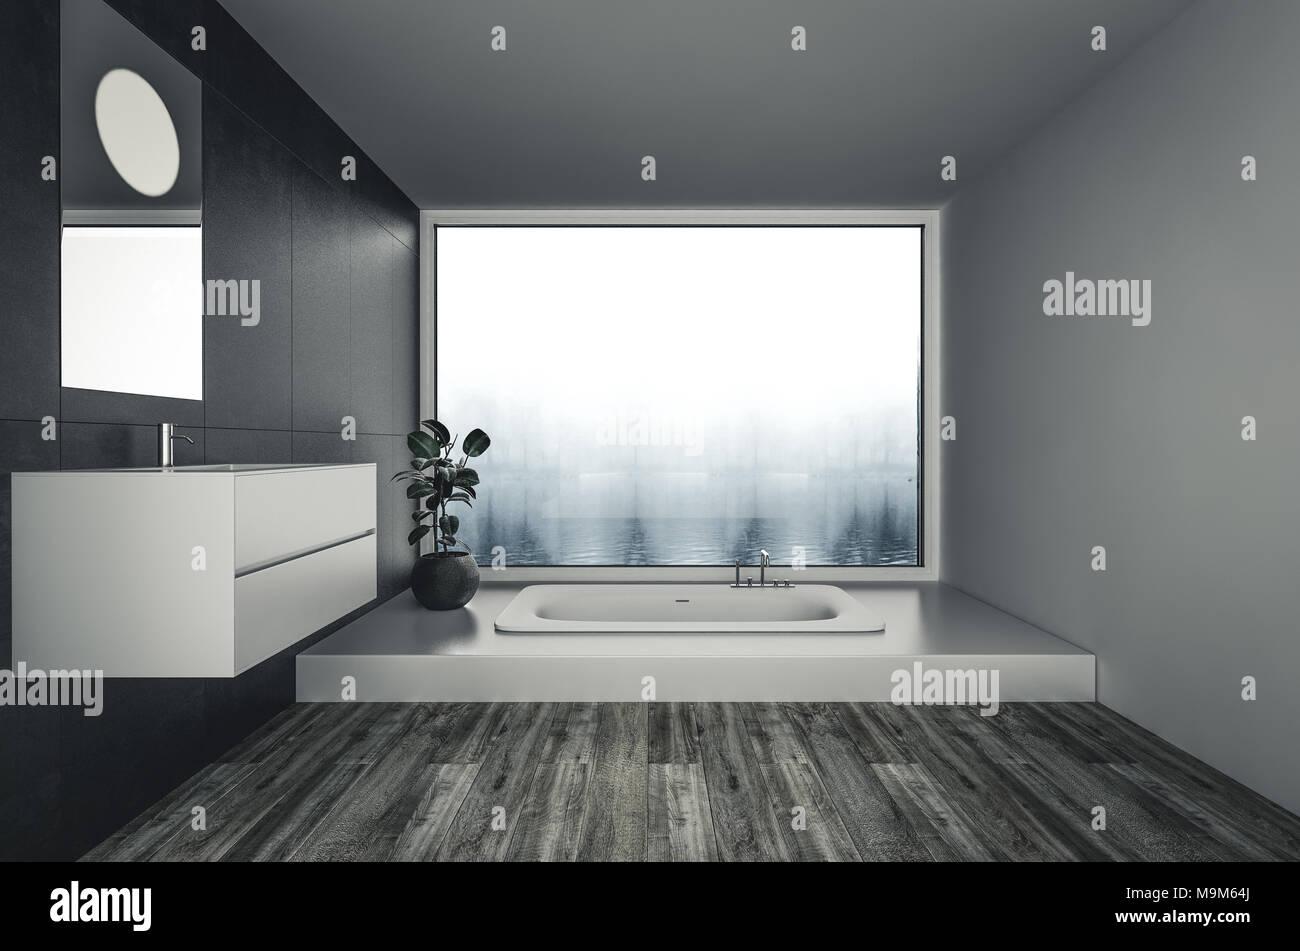 Vasche Da Bagno Moderne : Immagini stock vasca da bagno in bagno moderno e pulito con